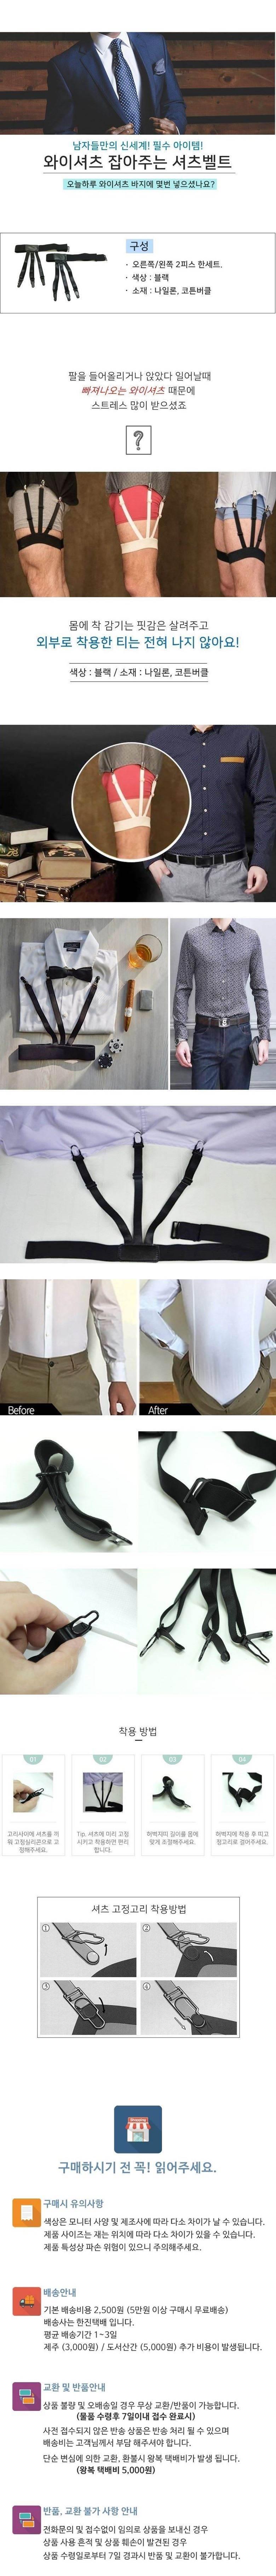 남성용 와이셔츠 고정 셔츠벨트 블랙 - 로맨스바스켓, 6,800원, 벨트, 남성벨트